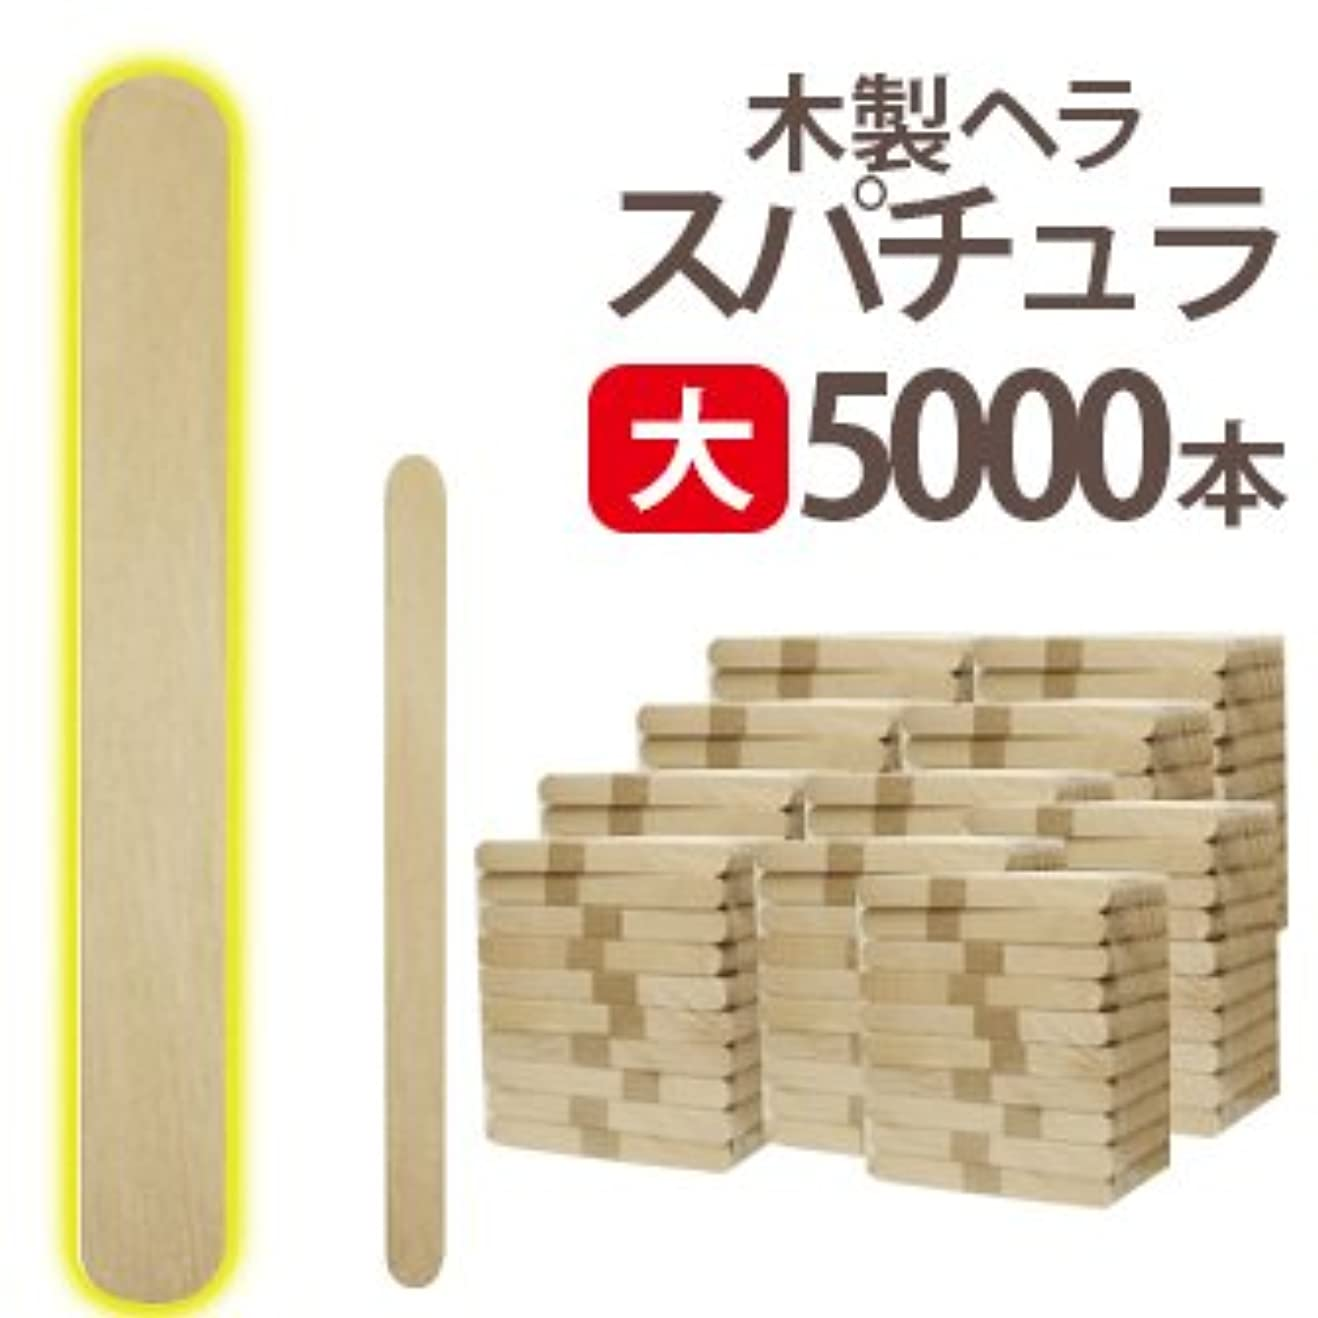 ツール痛み怠惰大 ブラジリアンワックス 業務用5000本 スパチュラ Aタイプ(個別梱包なし 150×16)